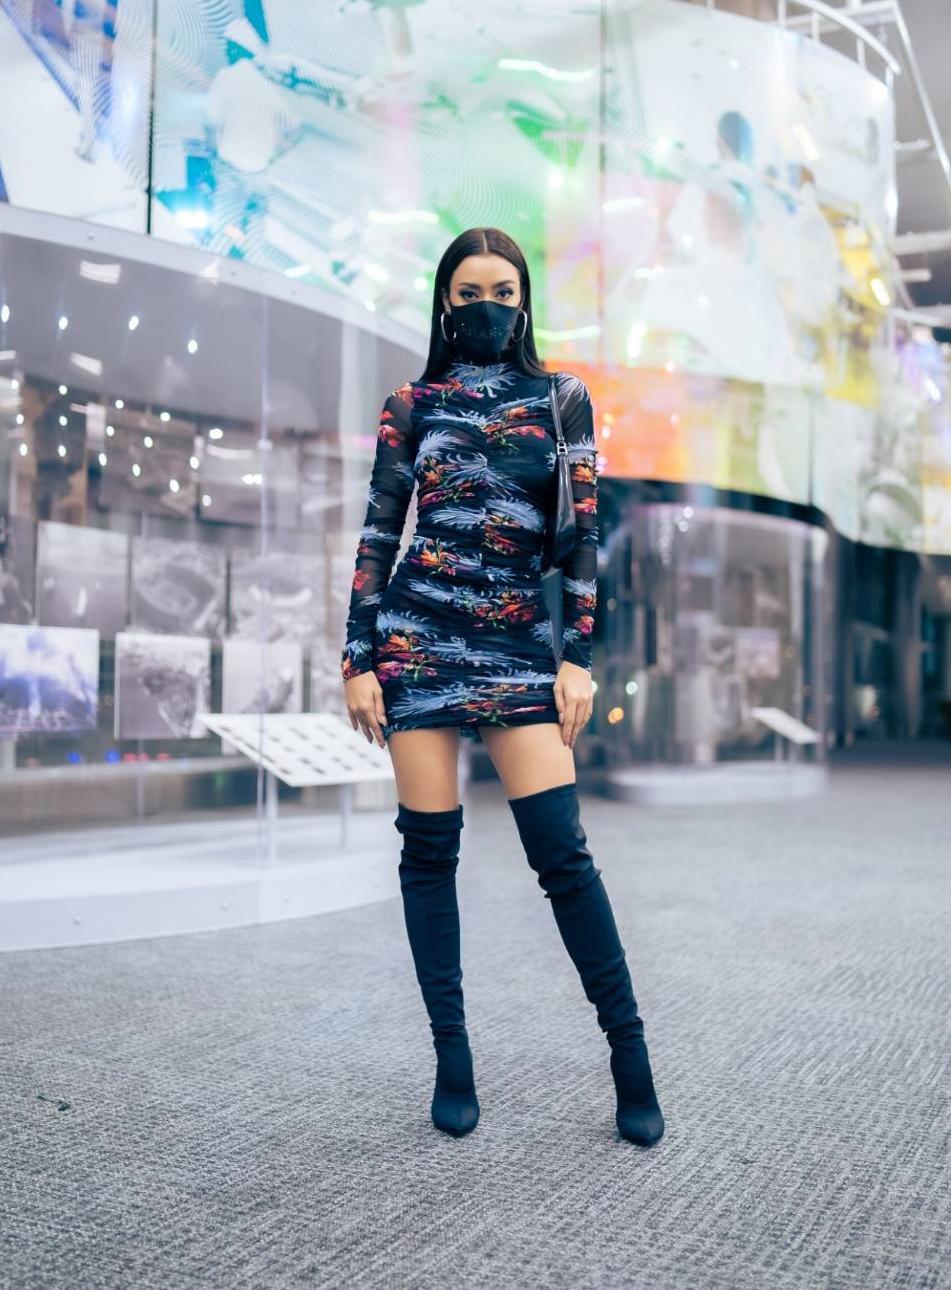 Khi đến Mỹ, người đẹp diện váy hoạ tiết lạ mắt của nhà thiết kế Bỉ Diane von Furstenberg, phối cùng túi da Prada và bốt cao cổ của Tichin Nintha